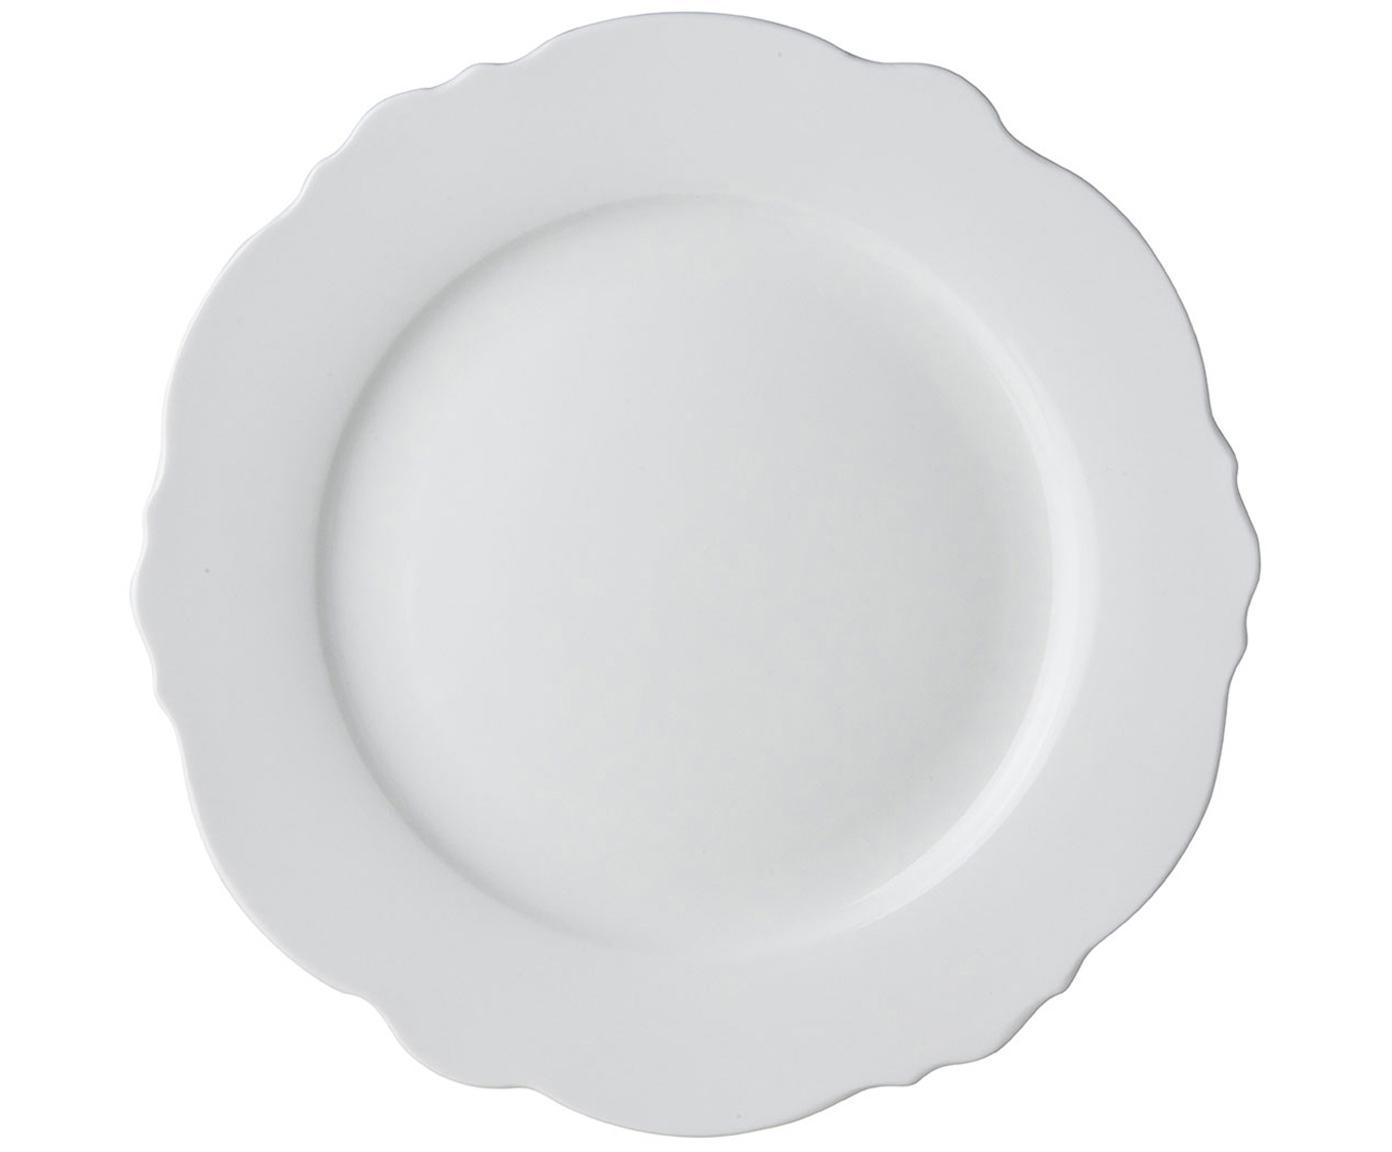 Speiseteller Muschel Loft mit geschwungenem Rand, 4 Stück, Porzellan, Weiß, Ø 26 x H 2 cm